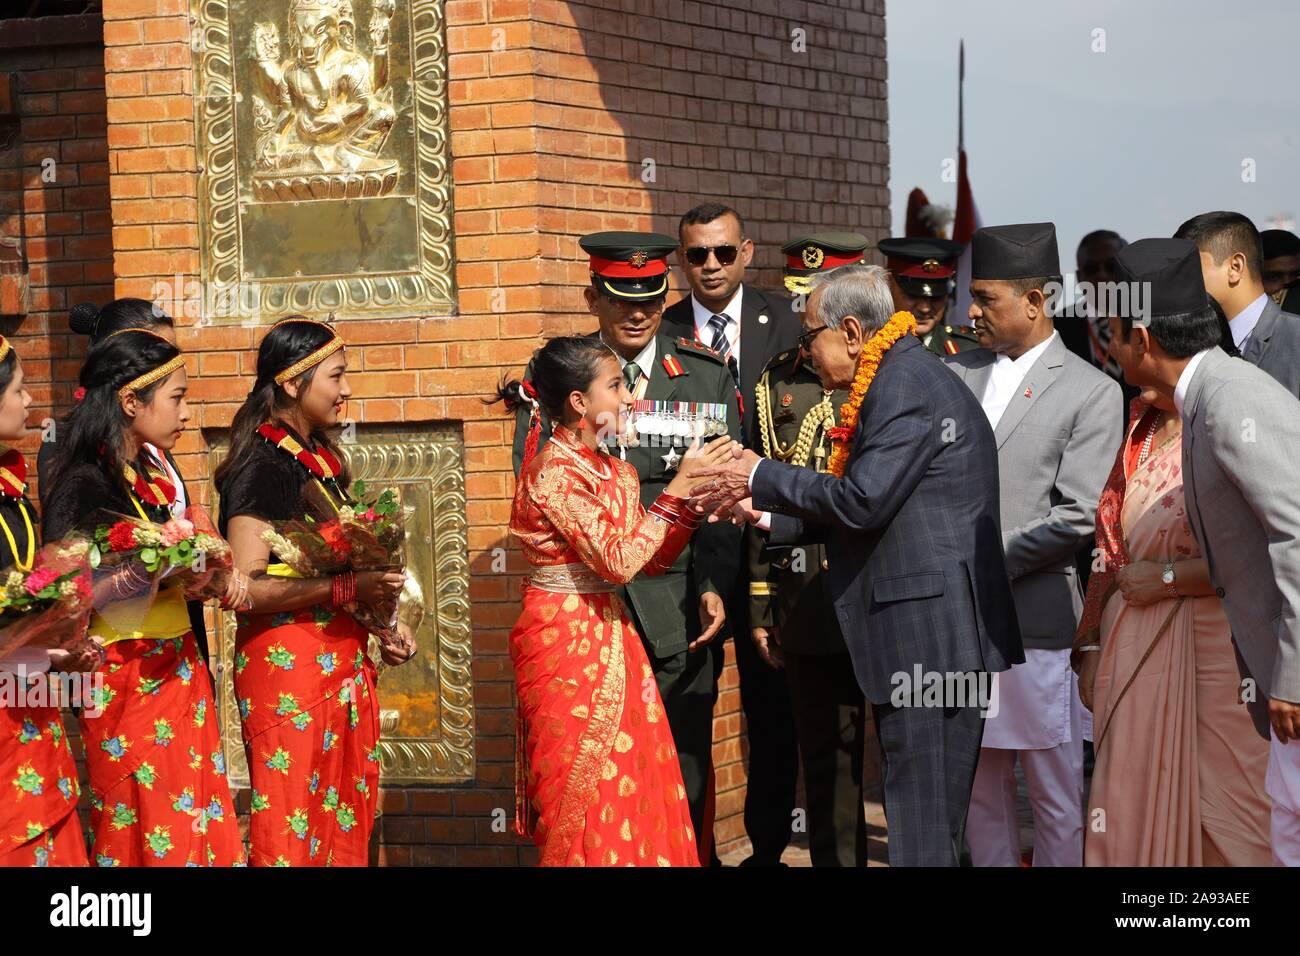 Kathmandu, Nepal. Xii Nov, 2019. Bambini nepalesi dando una ghirlanda al Presidente del Bangladesh, Abdul Hamid durante una cerimonia di benvenuto presso l'aeroporto internazionale di Tribhuvan, Kathmandu, Nepal Martedì, Novembre 12, 2019. Presidente del Bangladesh, Abdul Hamid è su una quattro giorni di buona volontà ufficiale visita in Nepal, su invito del presidente del Nepal Bidhya Devi Bhandari. (Foto di Subash Shrestha che/Pacific Stampa) Credito: Pacific Press Agency/Alamy Live News Foto Stock